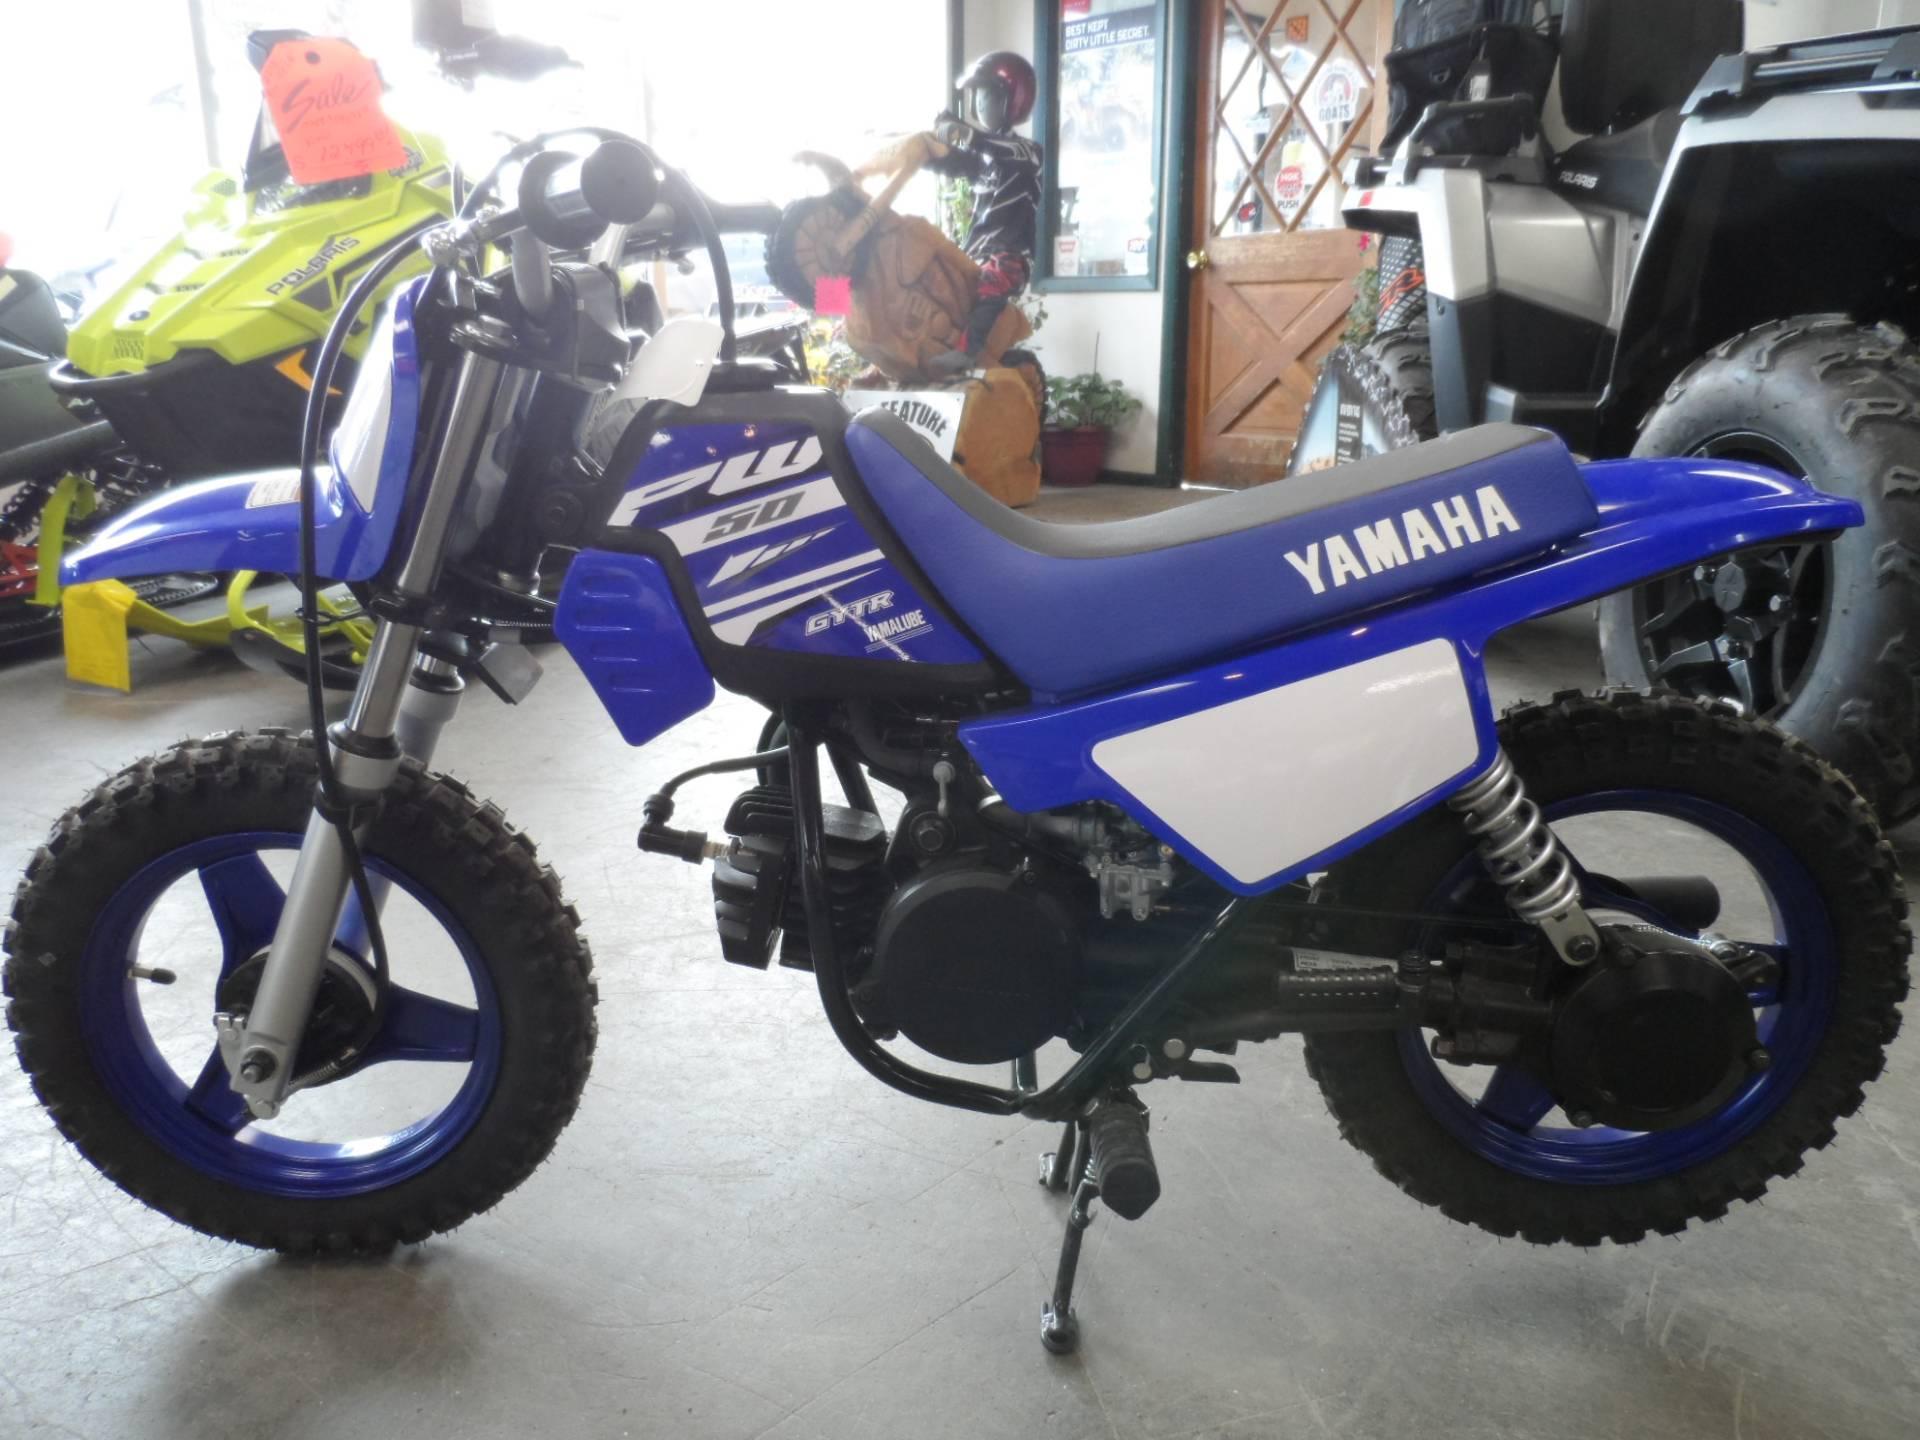 2018 Yamaha PW50 4